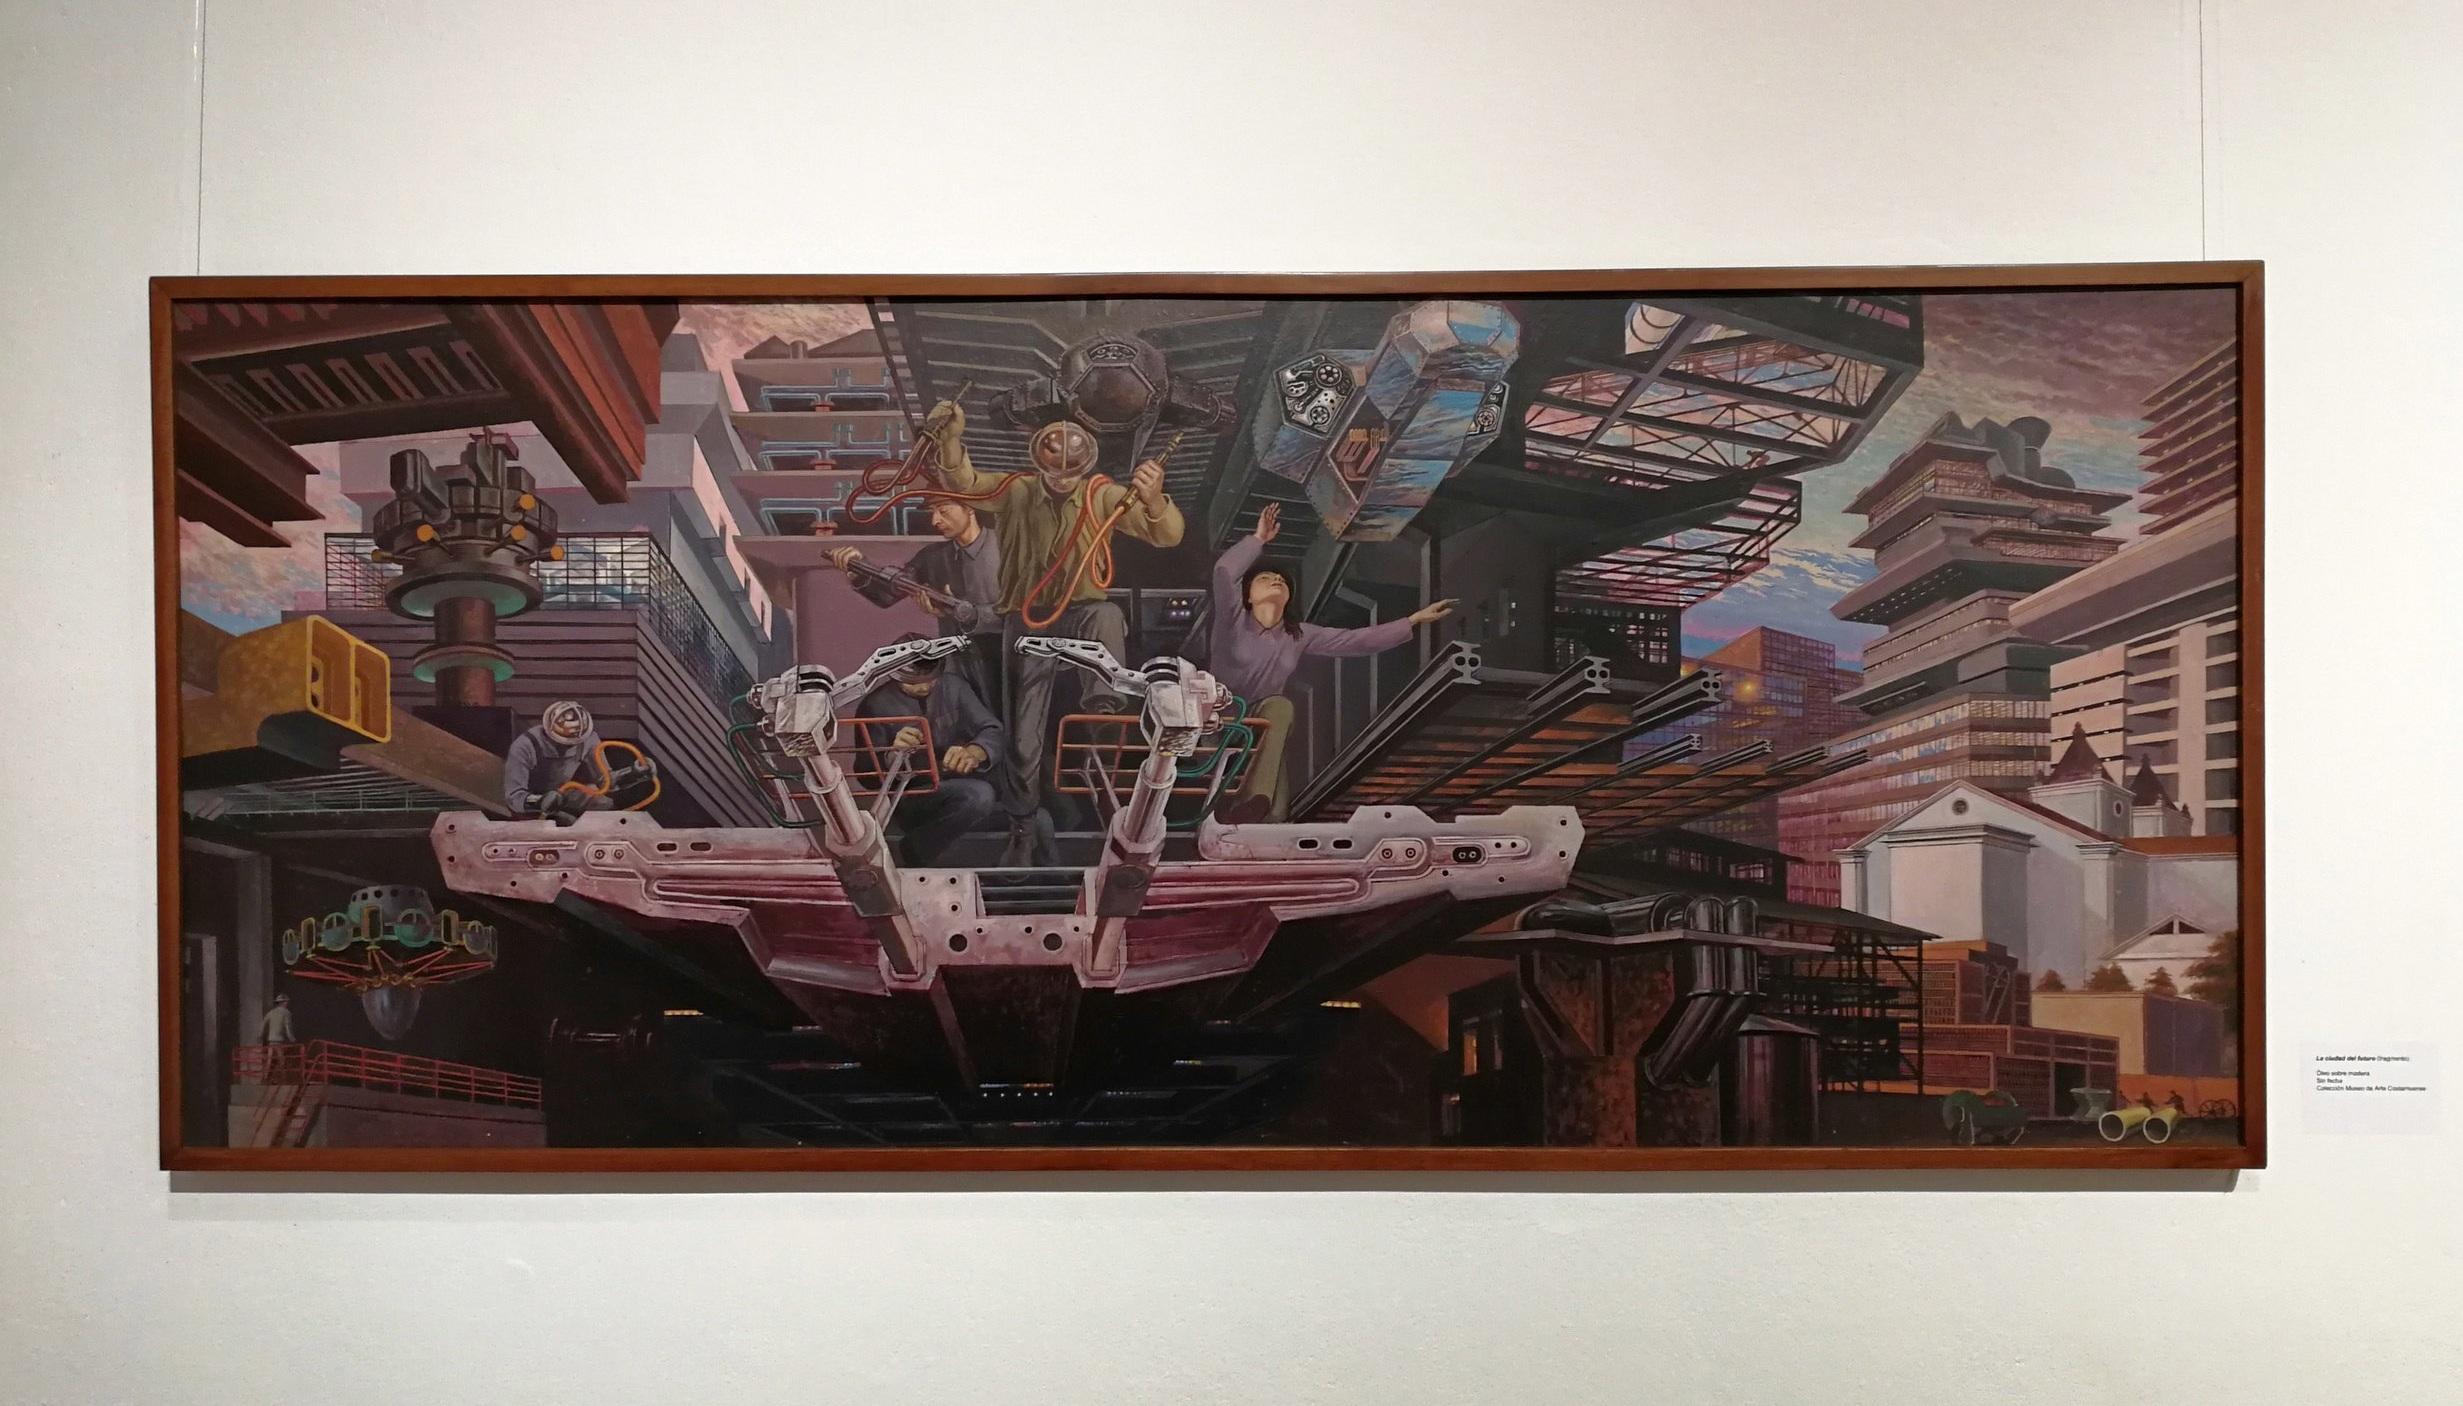 obra de julio escámez, imagen tomada durante la exposición de julio escámez en el MAC, 2018